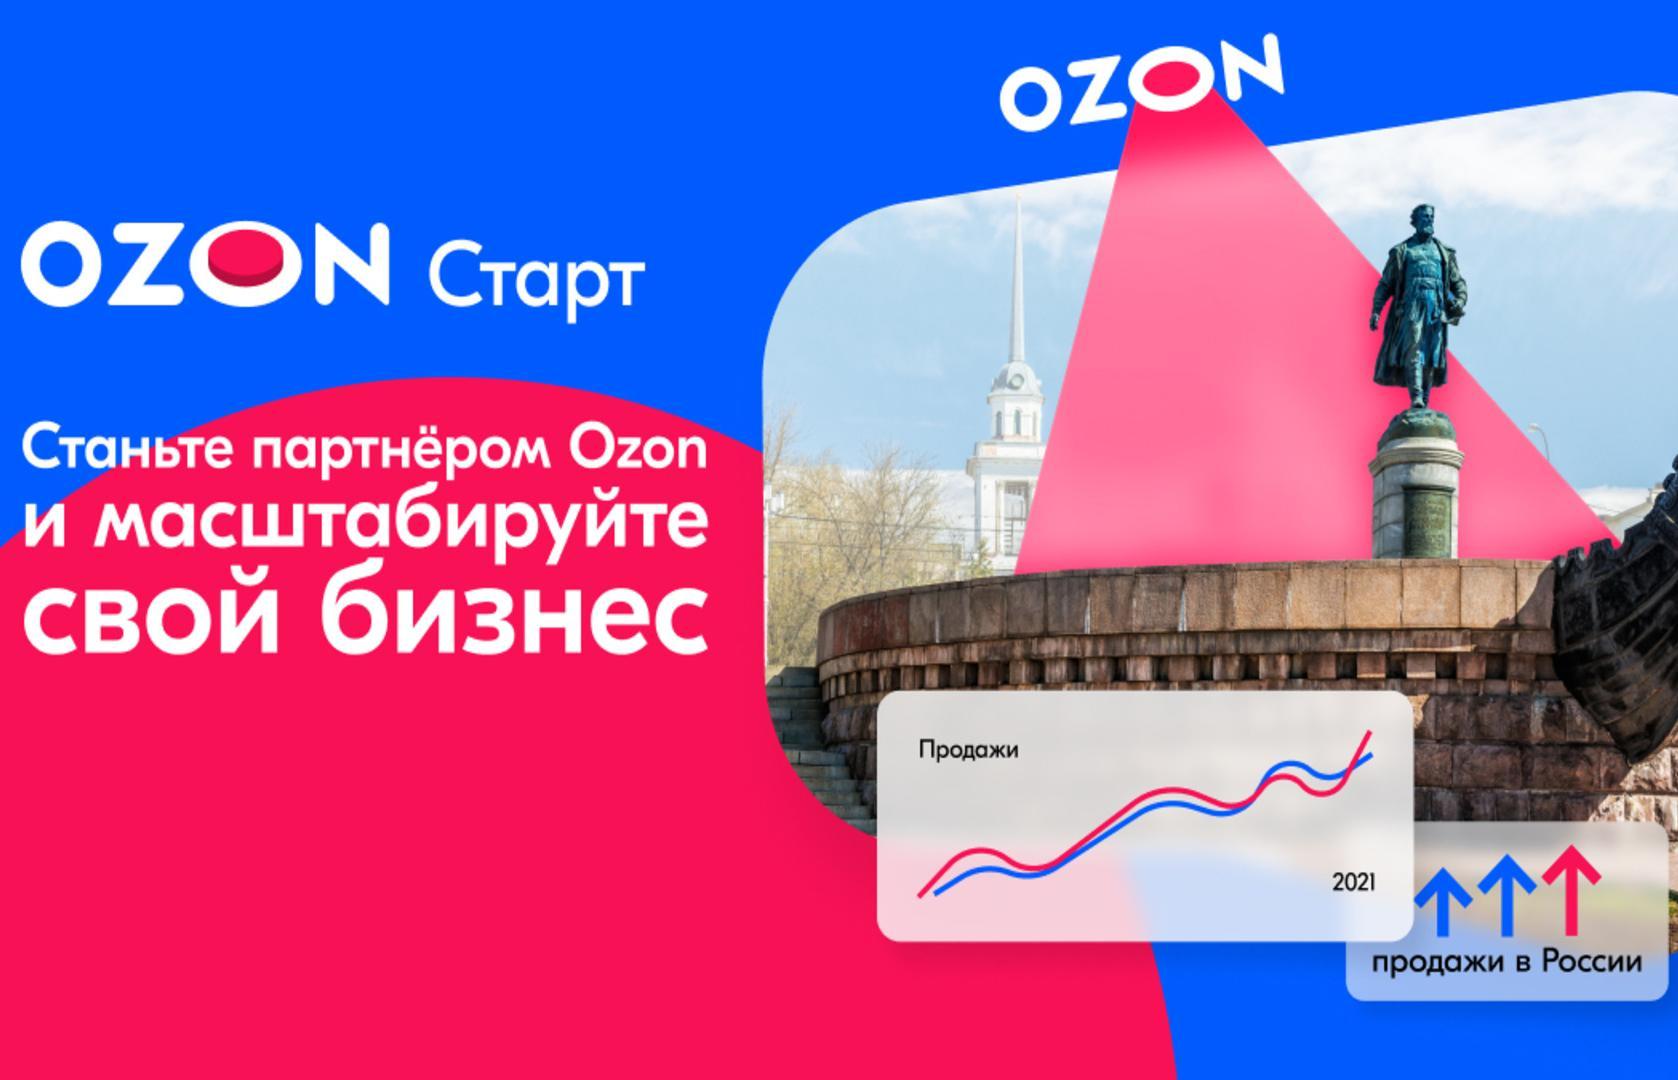 Ozon и «Мой Бизнес» предлагают тверским предпринимателям прославиться на всю Россию - новости Афанасий